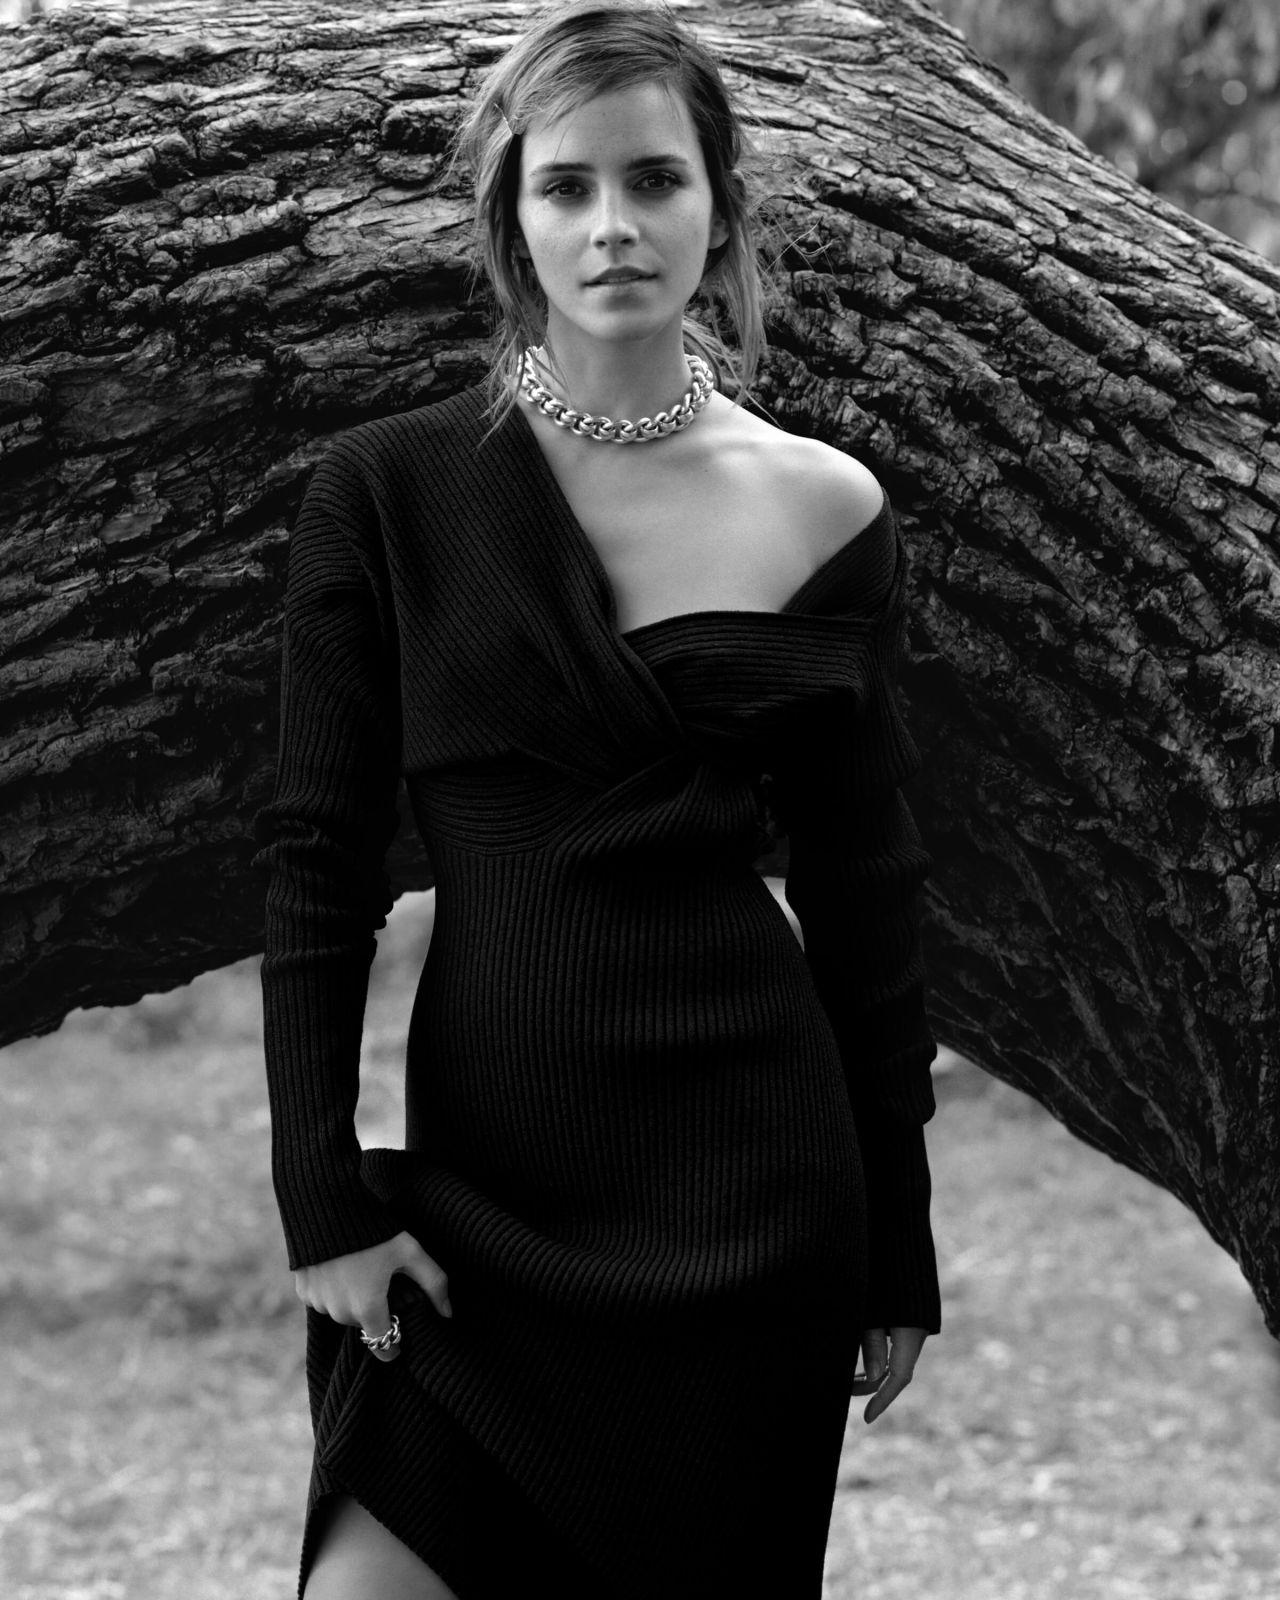 Emma Watson British Vogue December 2019 issue